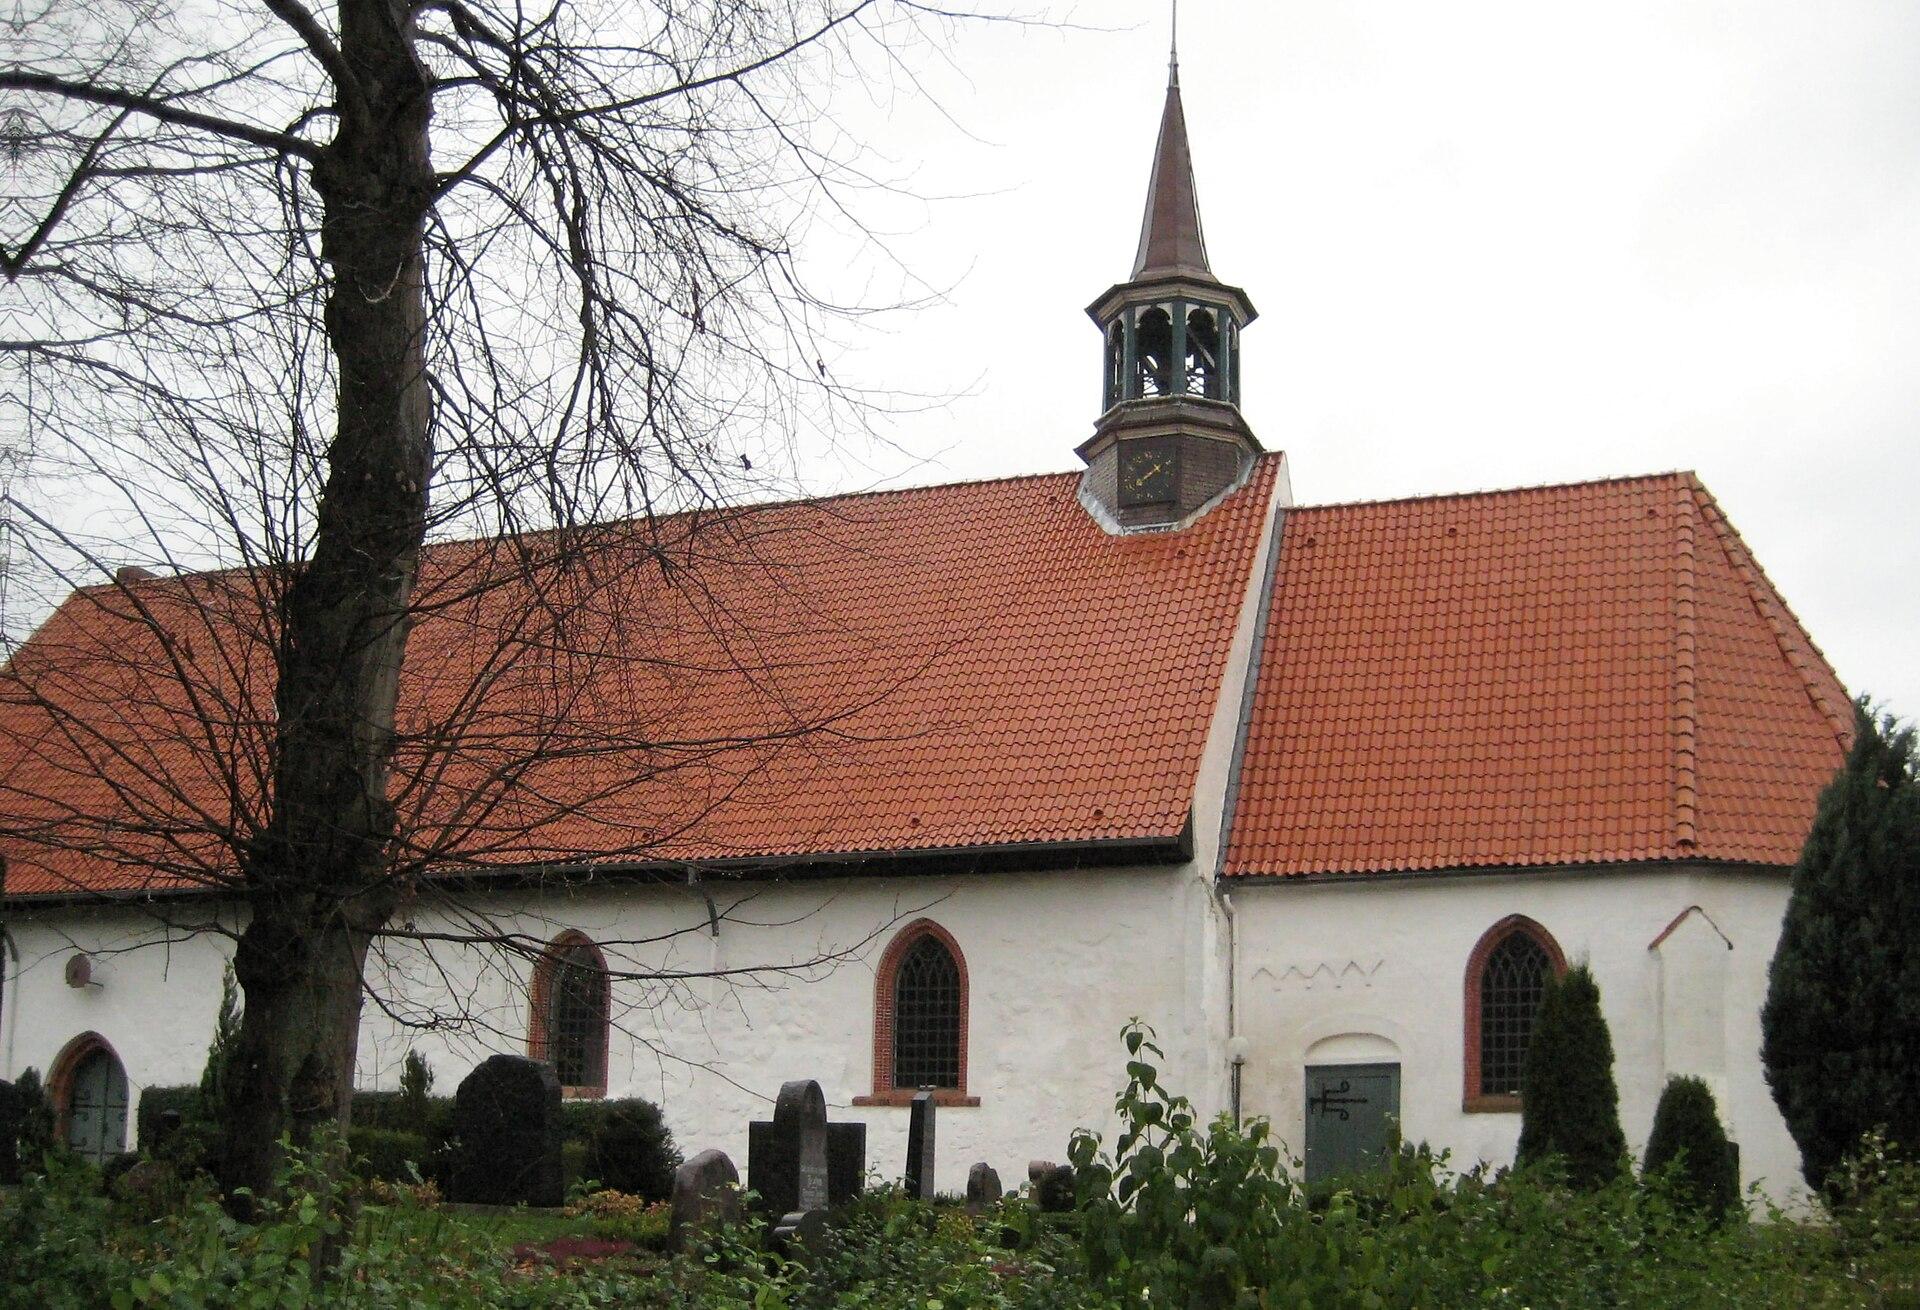 Koldenbüttel